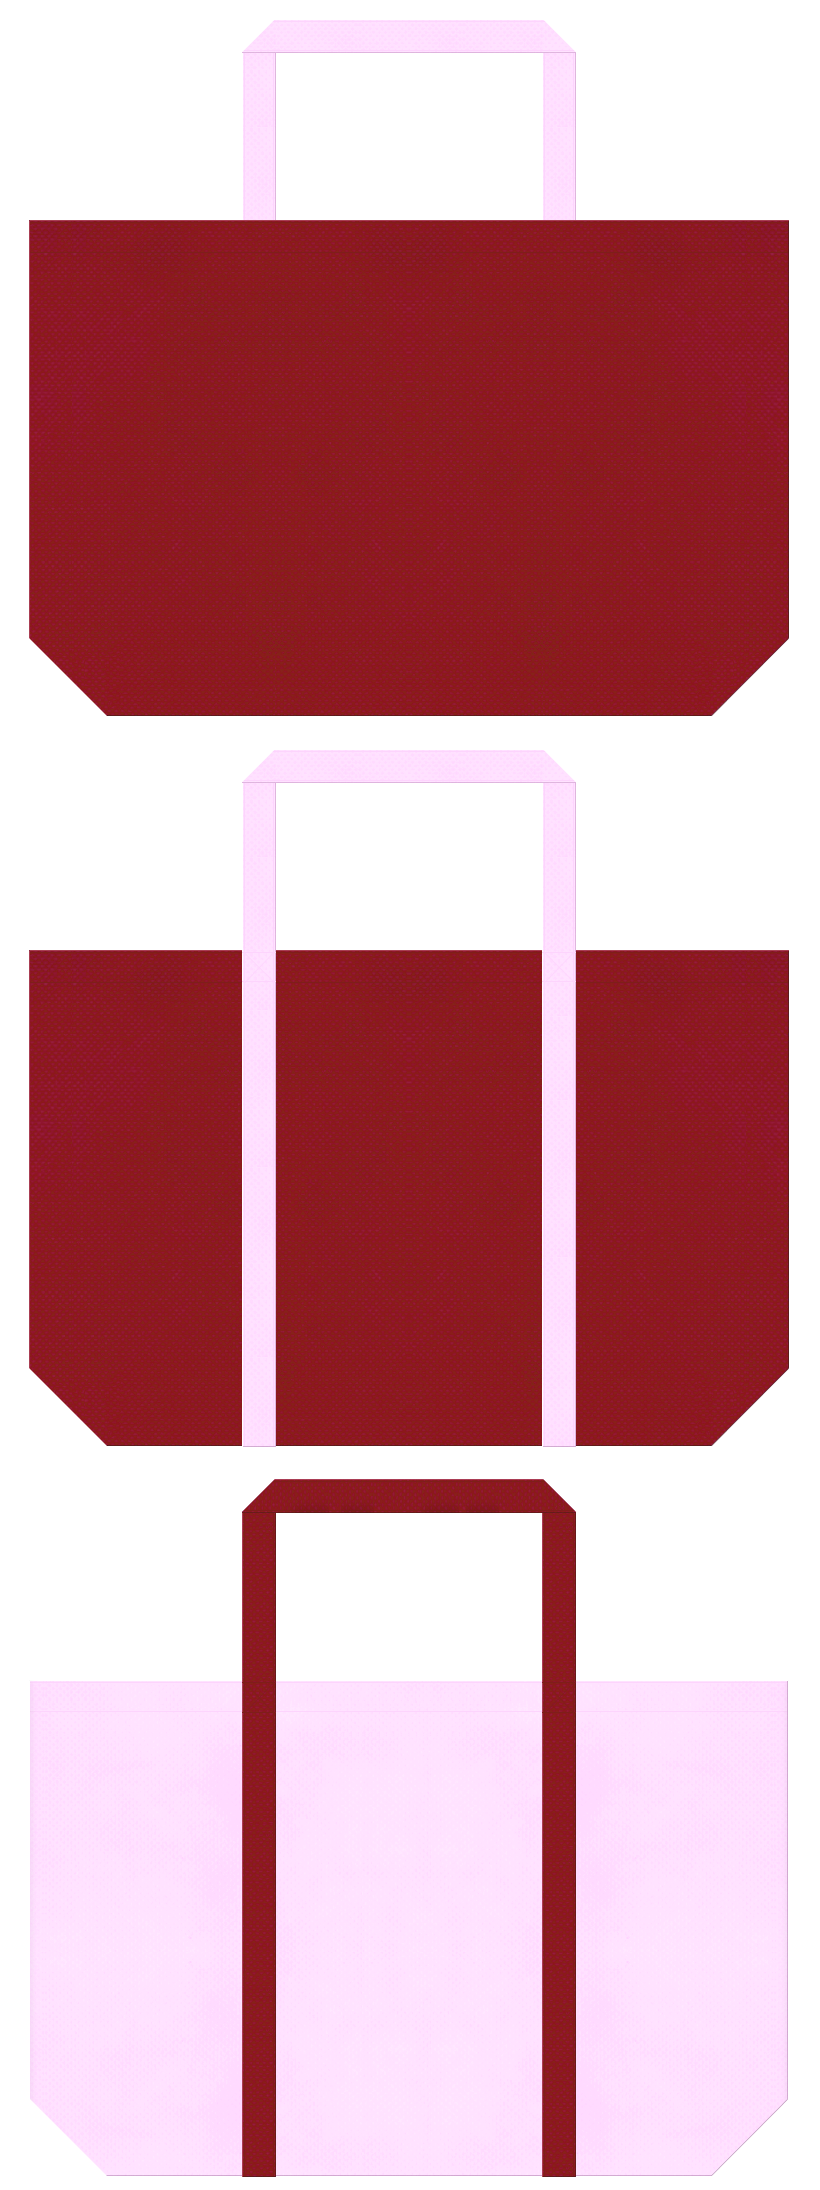 エンジ色と明るいピンク色の不織布ショッピングバッグのデザイン。和雑貨のショッピングバッグ・福袋にお奨めの配色です。